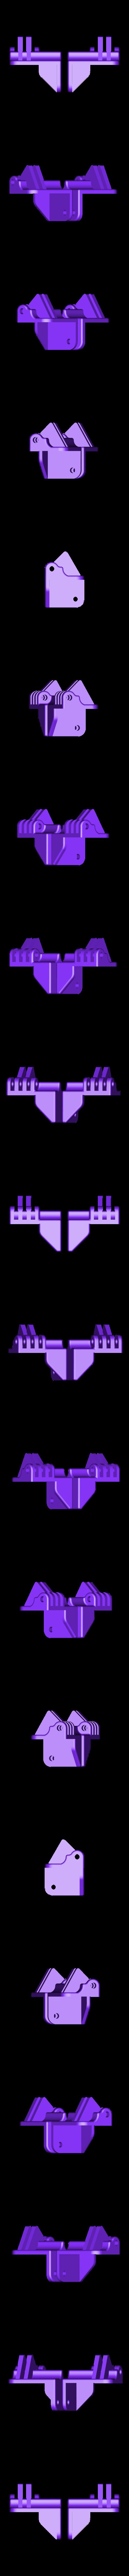 Replicator_Hinge.stl Télécharger fichier STL gratuit Matériel de montage de boîtier pour réplicateur 2 • Objet pour impression 3D, Gaenarra